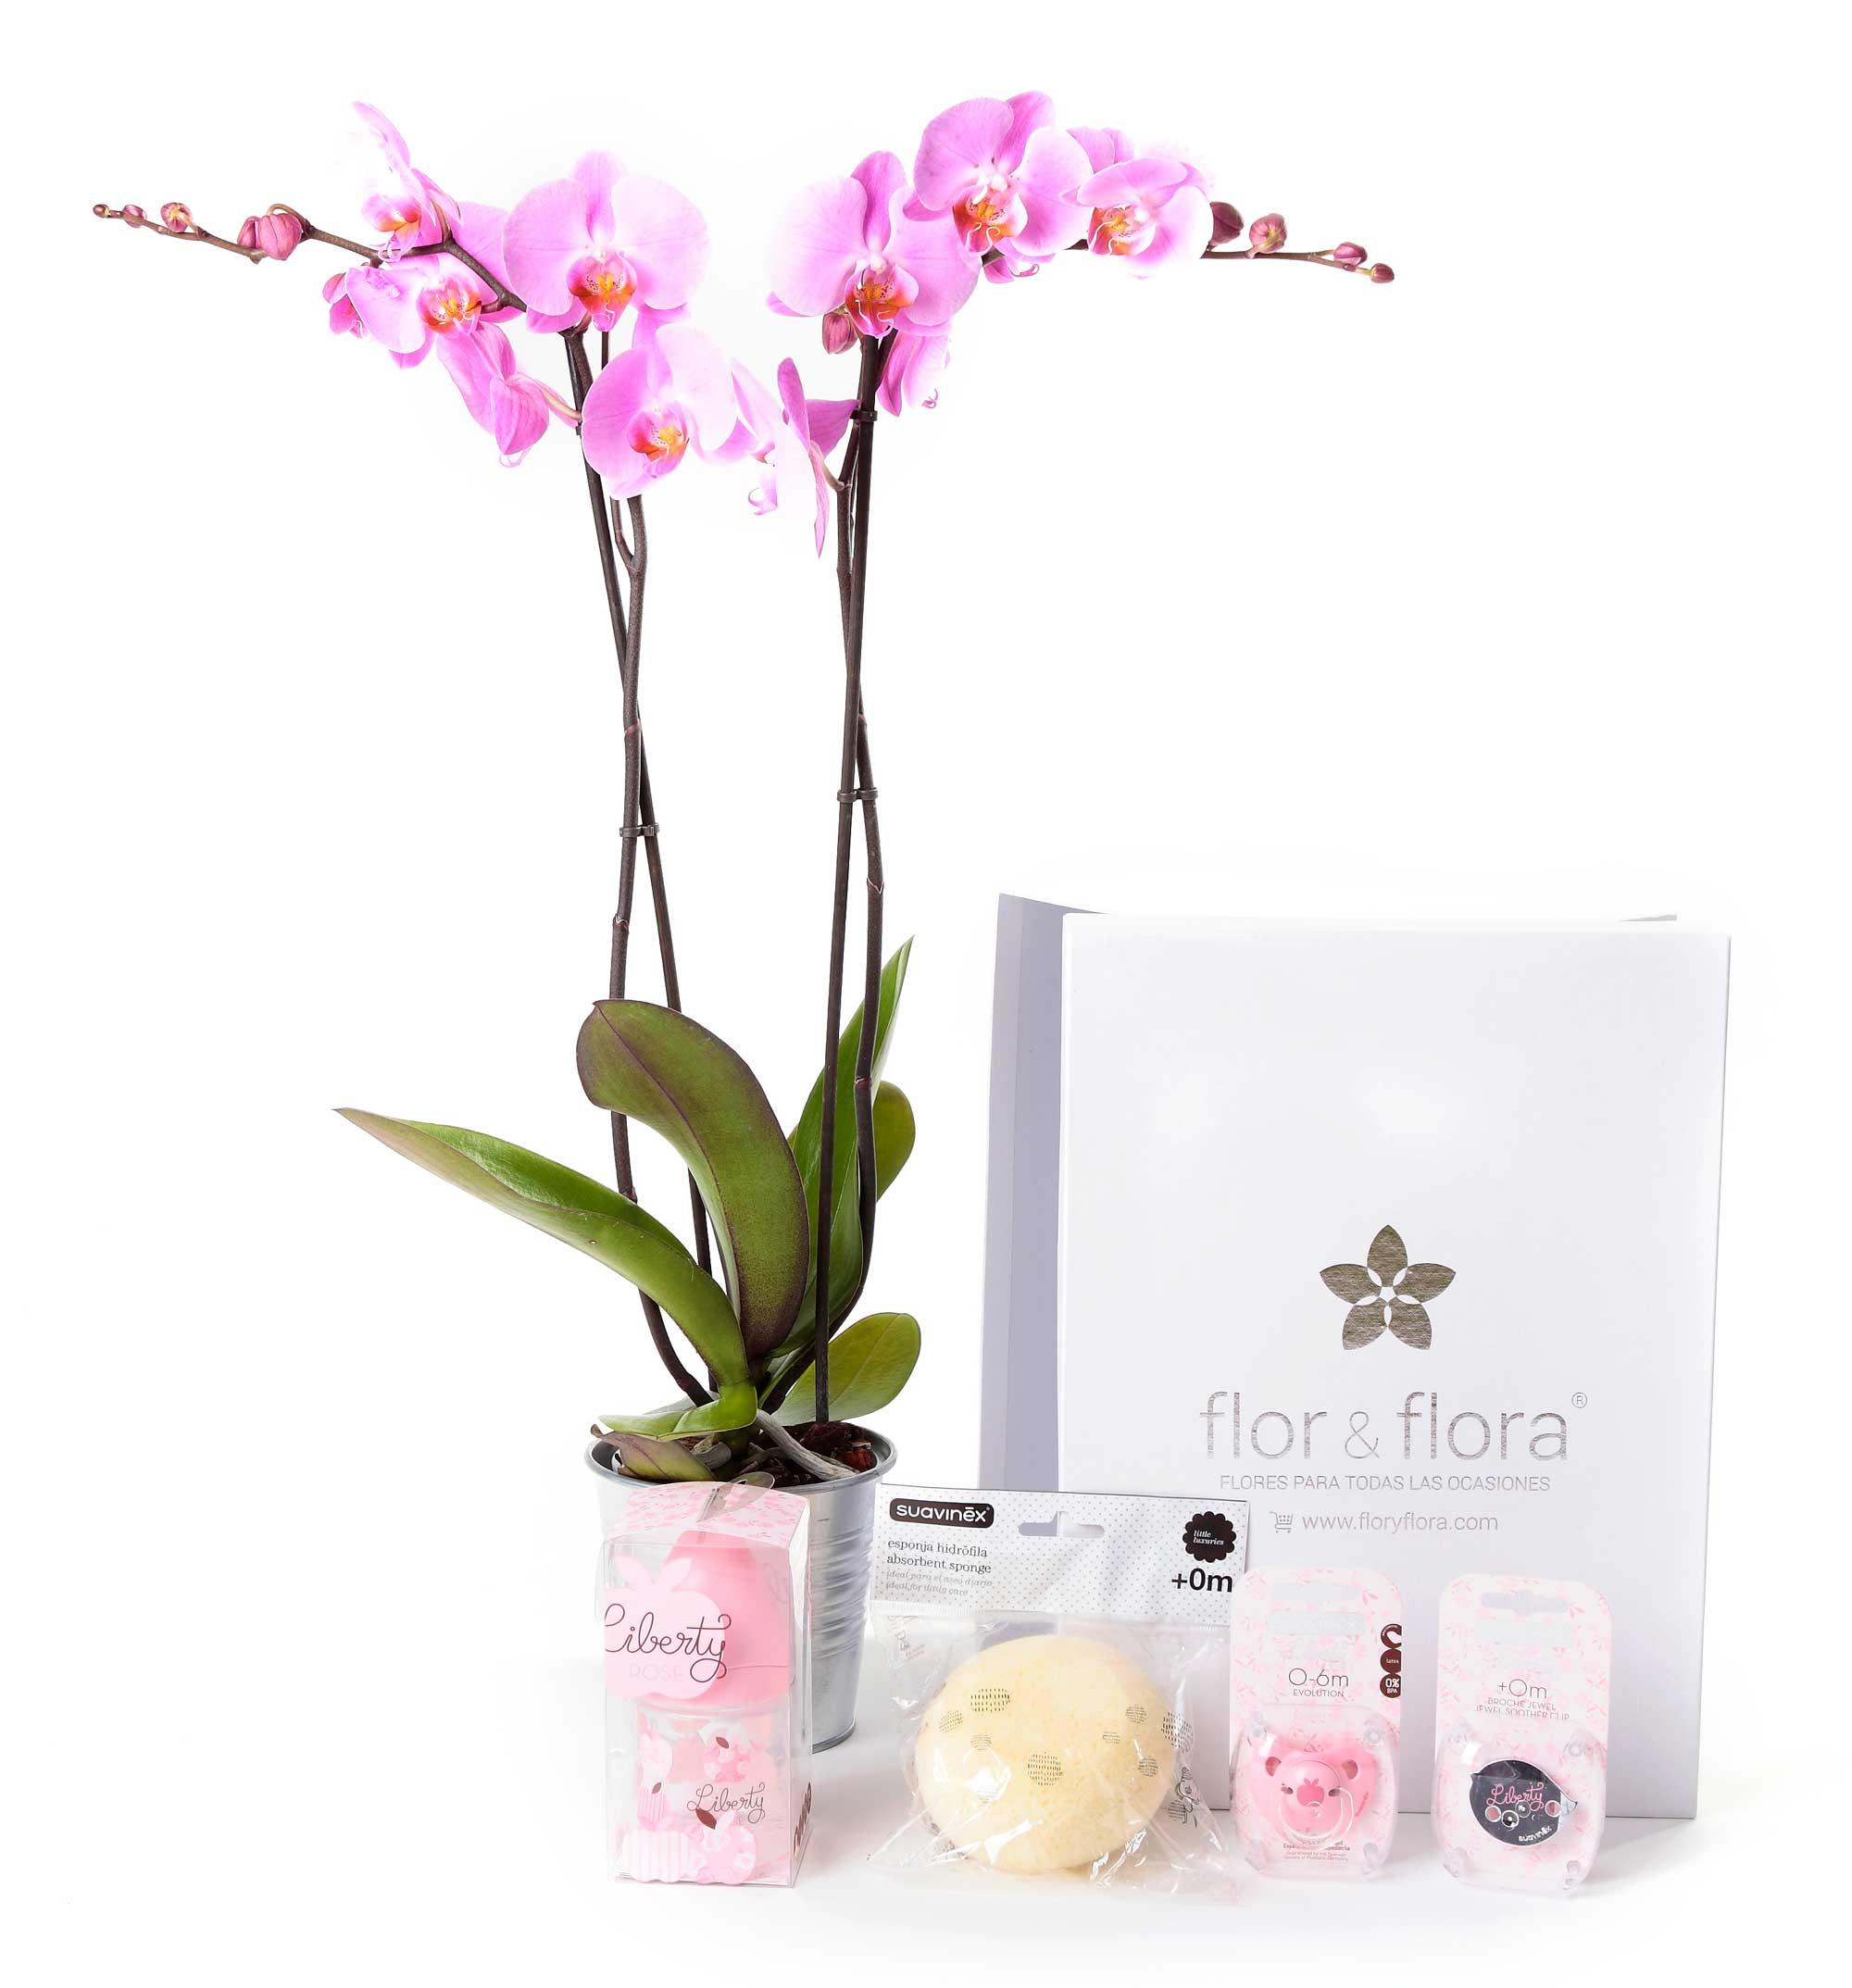 Orquidea 2 varas y caja regalo plus rosa cajas regalo - Tiestos para orquideas ...